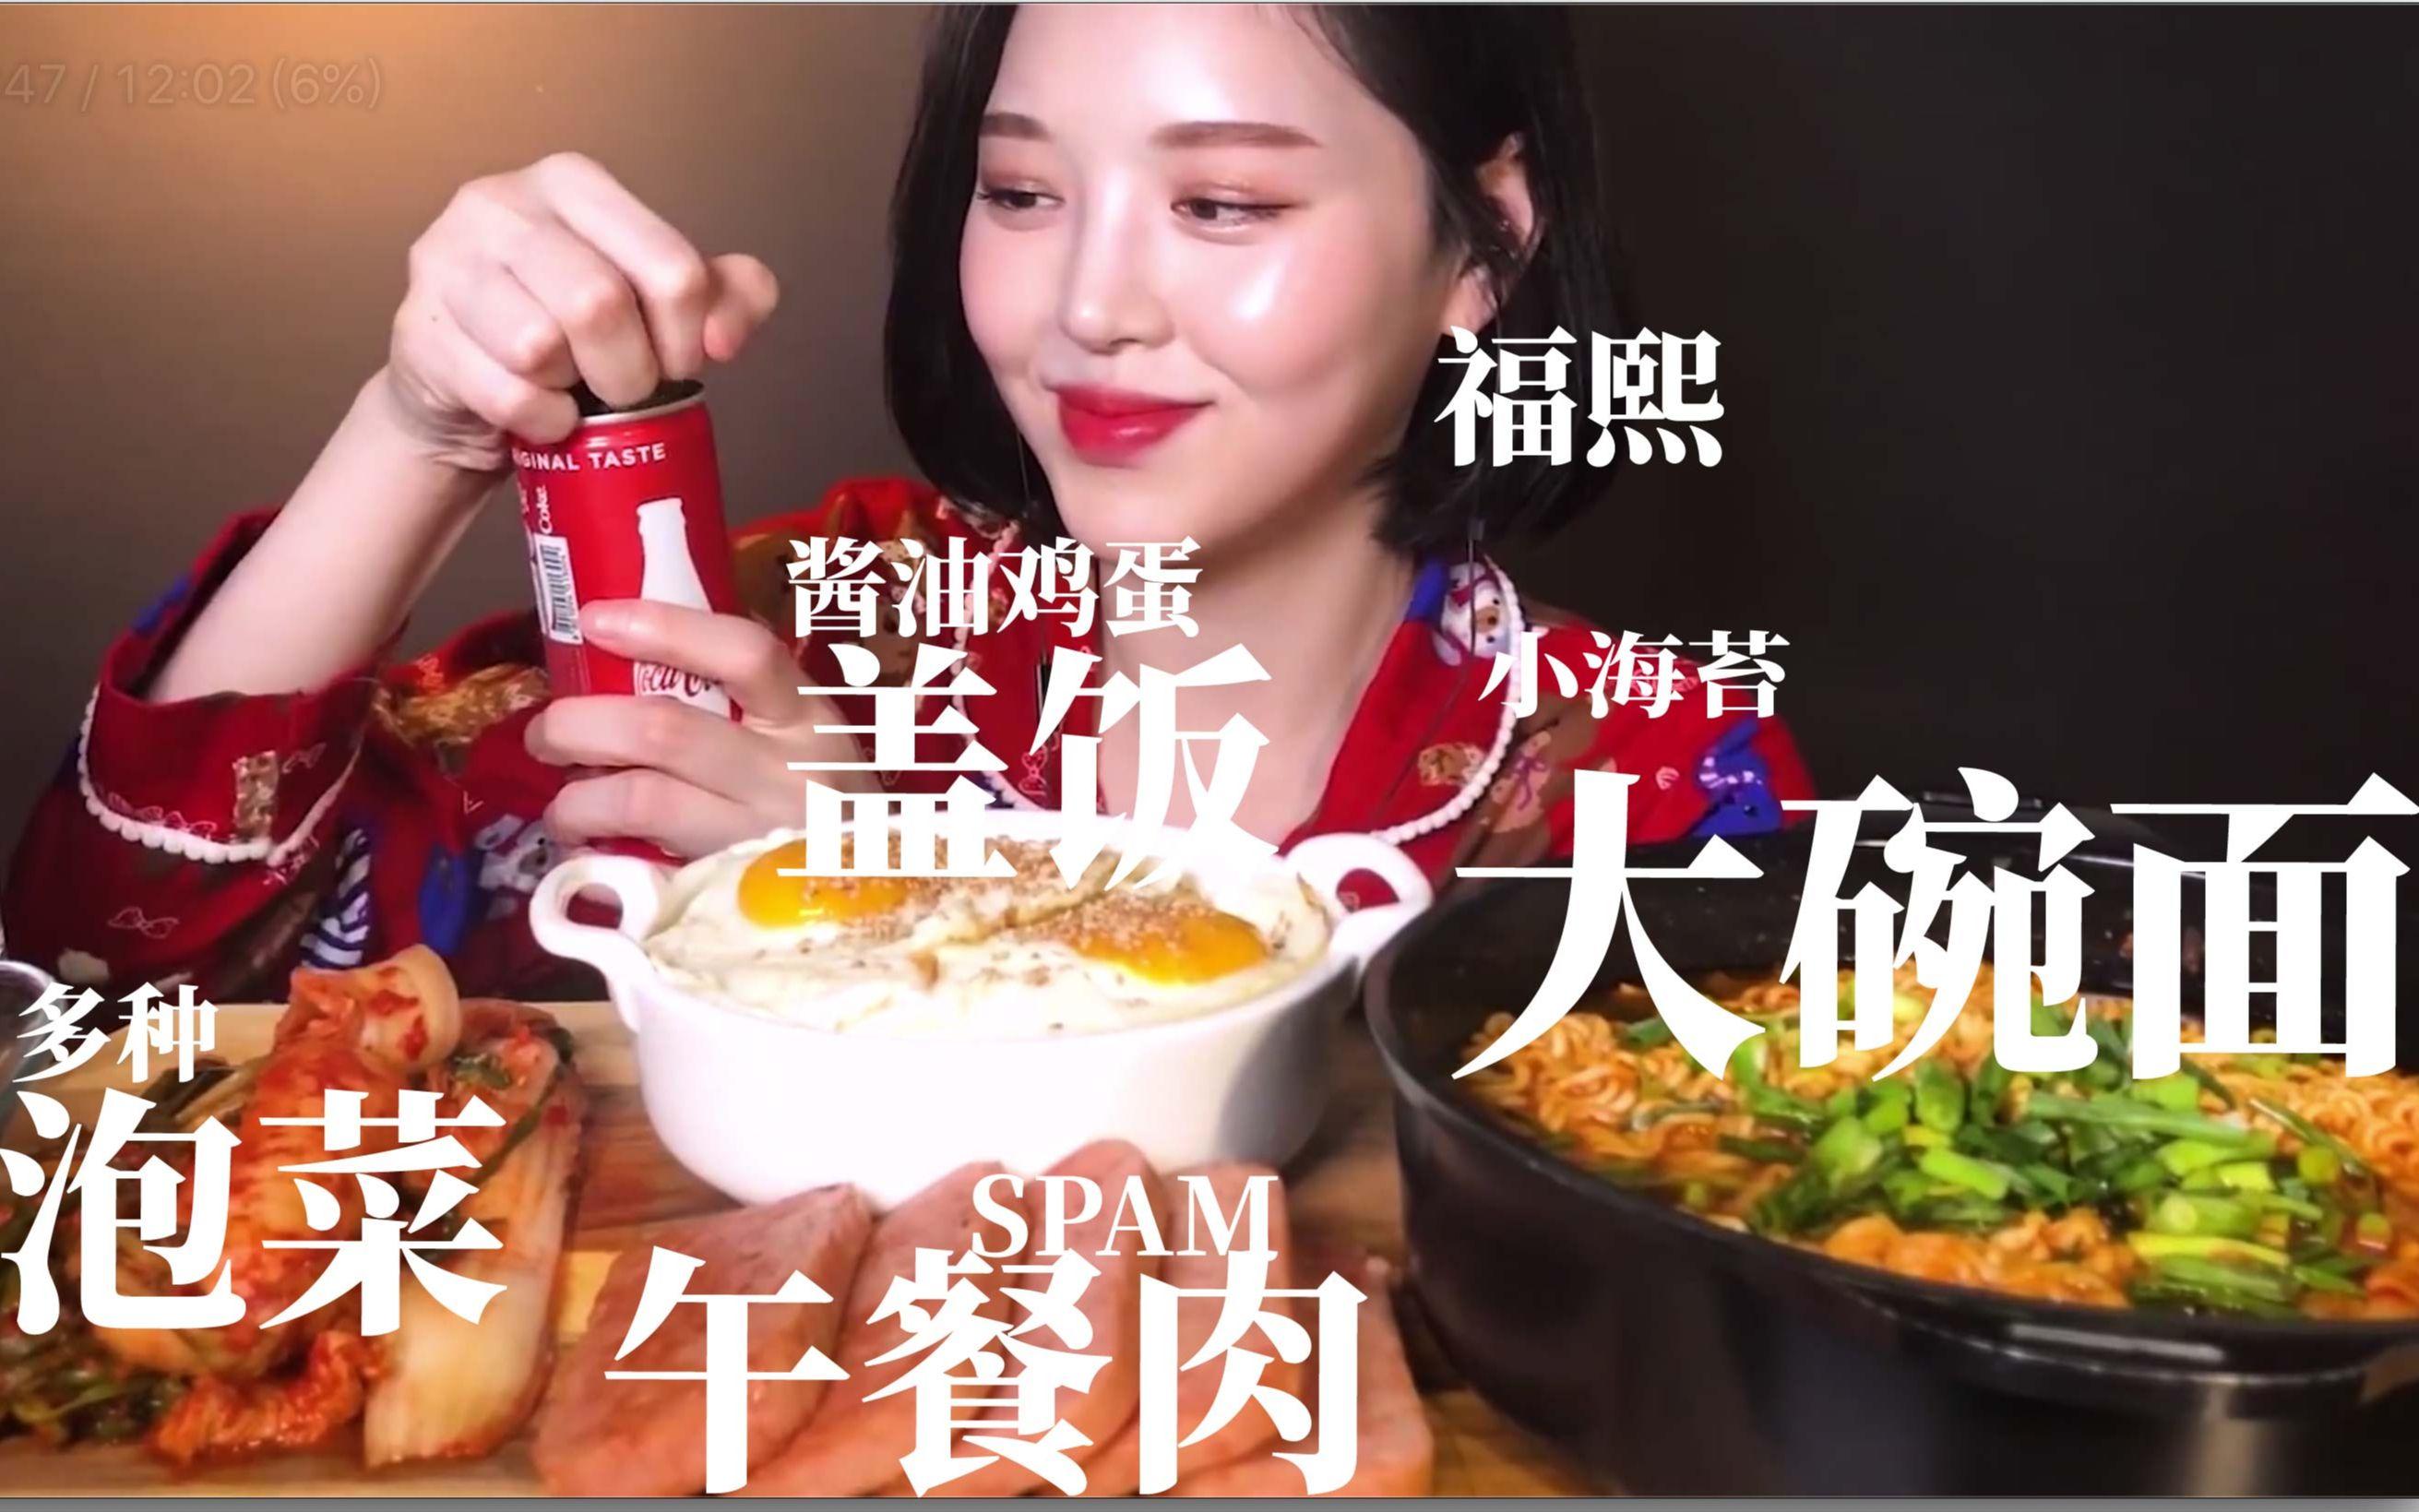 福熙小姐姐好美 米饭泡面午餐肉 都吃得这么香| 韩国小姐姐吃播 福熙 (中文字幕)